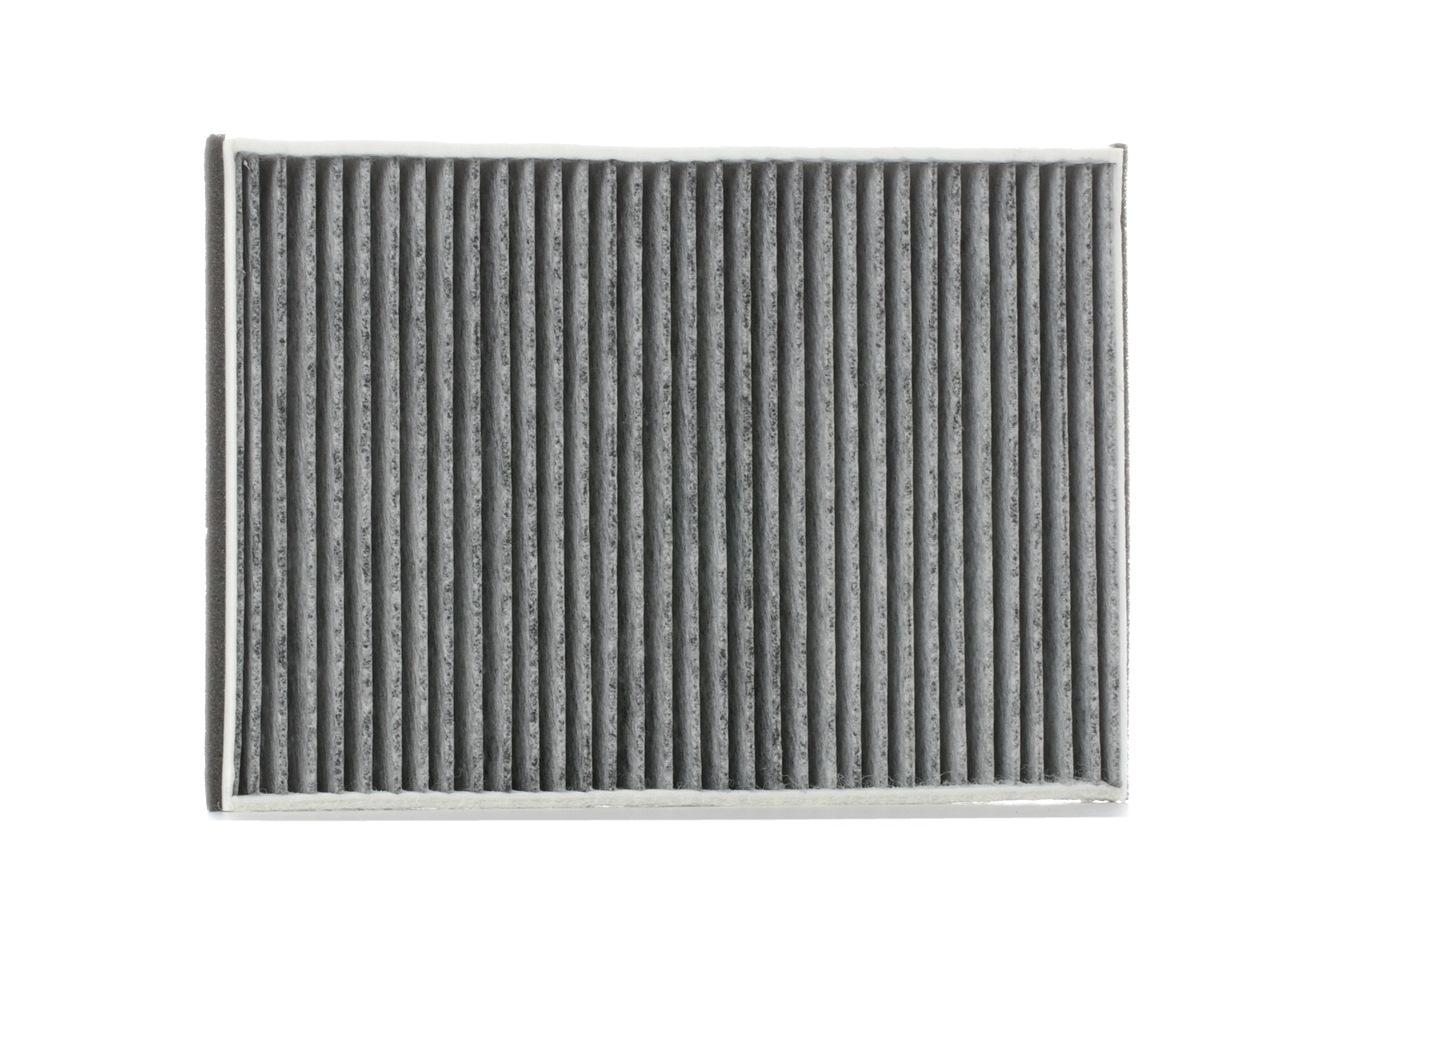 Buy original Air conditioning RIDEX 424I0185